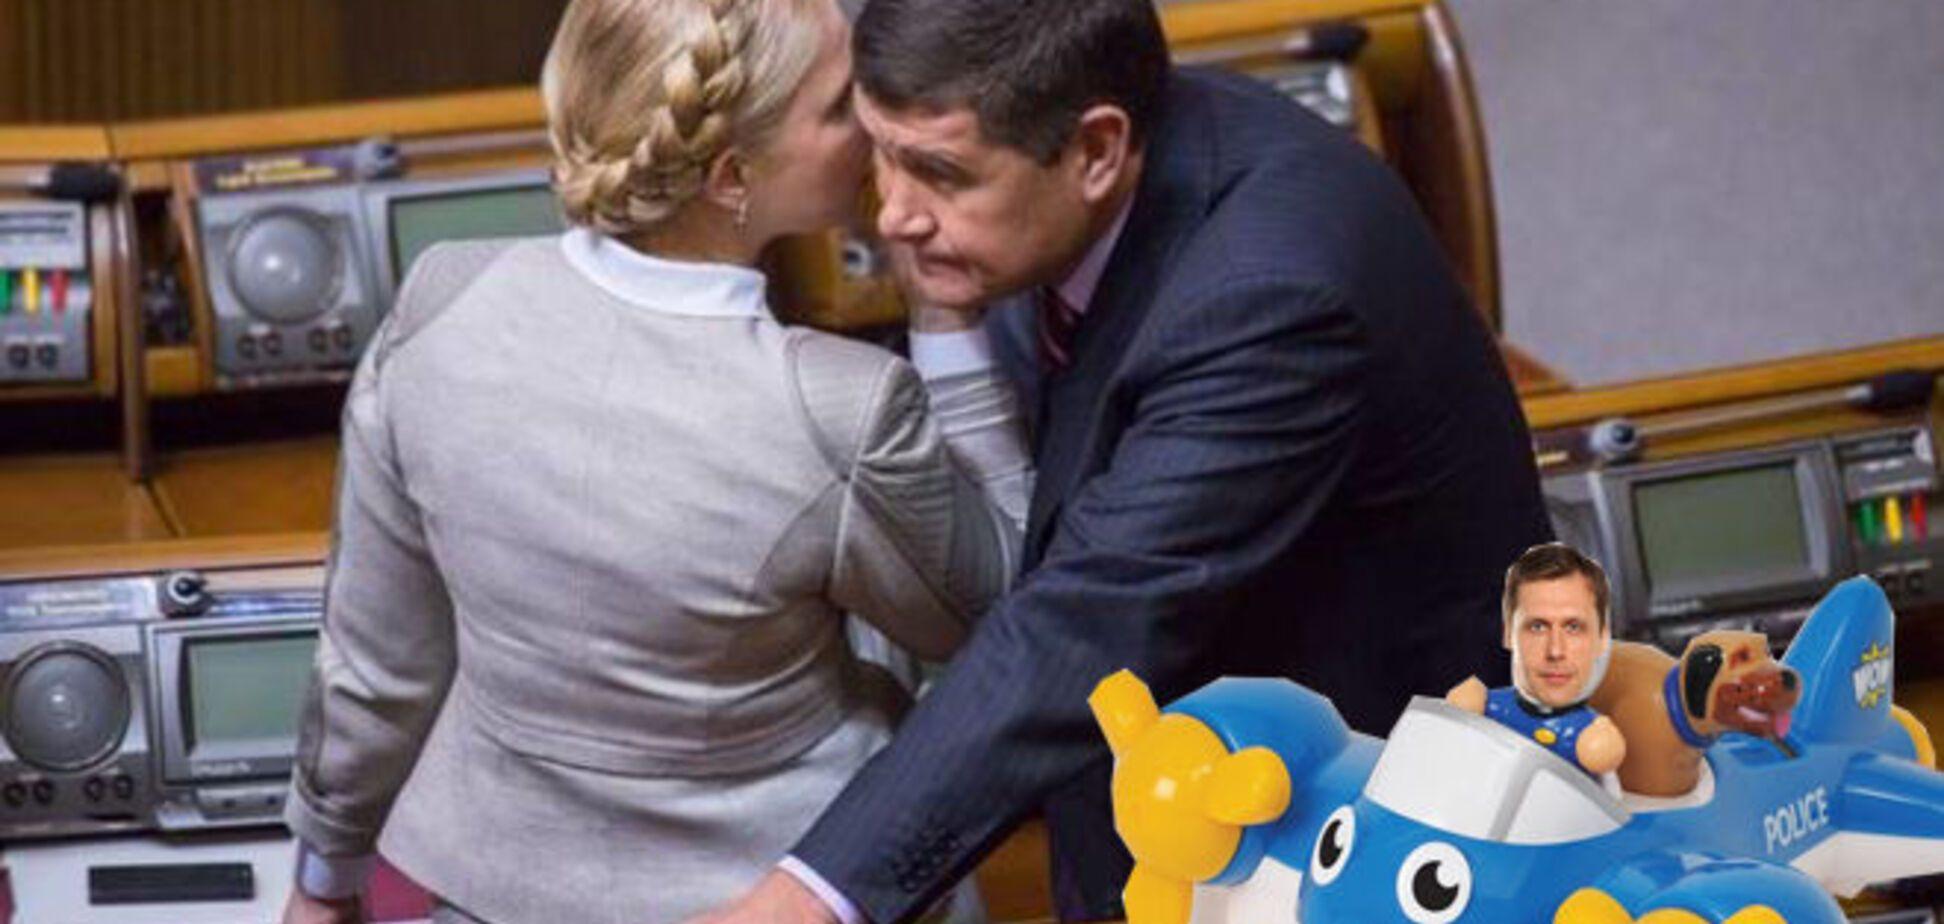 Вояж, вояж. Министр экологии облетел пол-Европы на самолете экс-регионала: документ